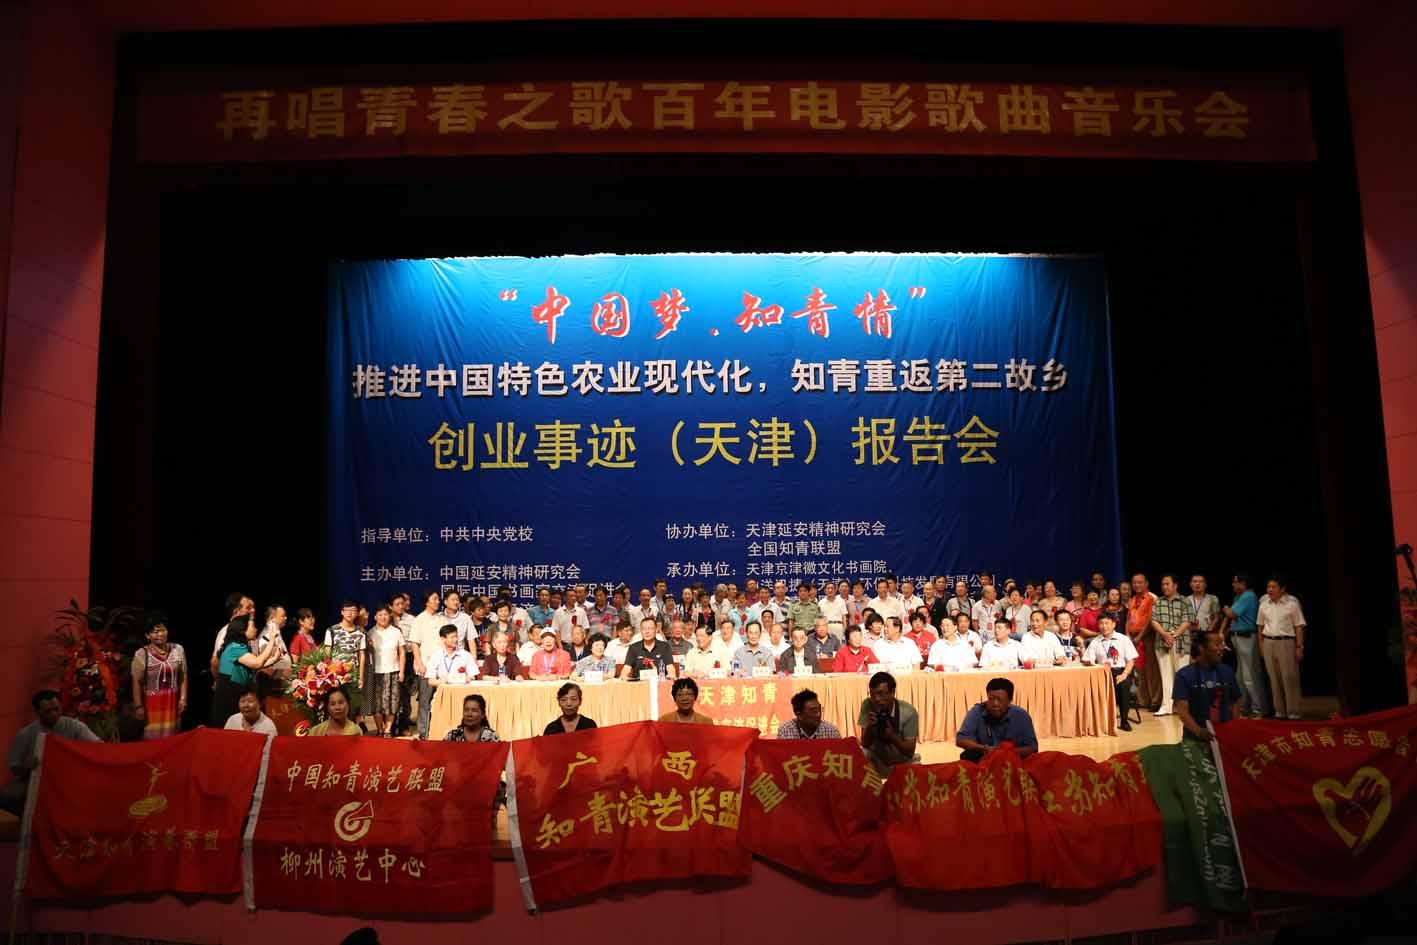 中国梦·知青情—全国巡讲报告会在津成功举行 - 北风 - 北风入青春,荒原写人生,冰雪铸精神!